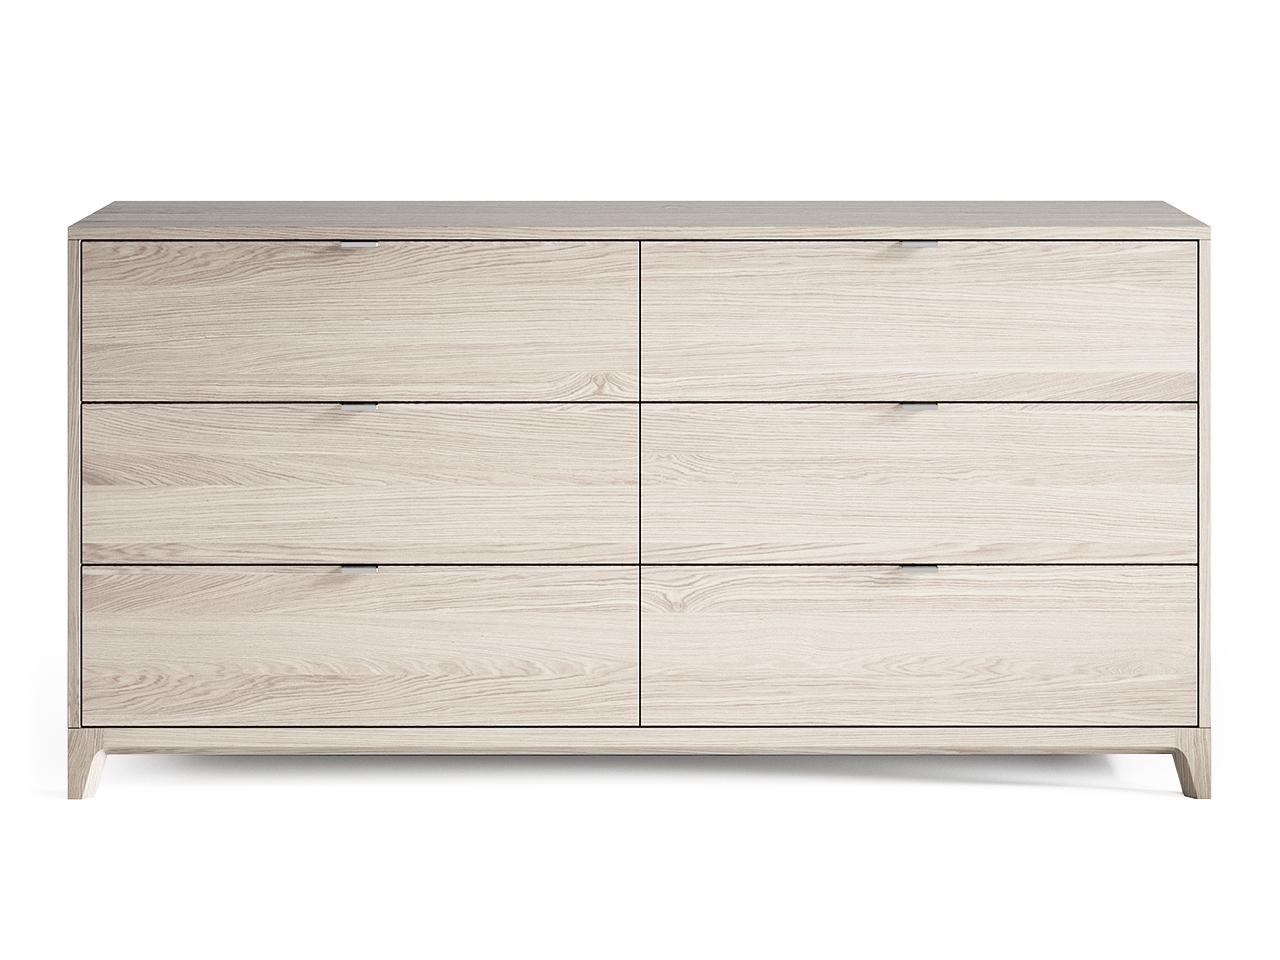 Комод CASE №3 (Беленый дуб)Бельевые комоды<br>&amp;lt;div&amp;gt;&amp;lt;div&amp;gt;Комод CASE #3 с шестью выдвижными ящиками отлично подойдет для организации хранения вещей в спальне, но также может быть использован в гостиной и других помещениях. У комода увеличенная глубина 450 мм, дно ящиков выполнено из ДСП 16 мм, обладающего высоким запасом прочности.&amp;lt;/div&amp;gt;&amp;lt;/div&amp;gt;&amp;lt;div&amp;gt;&amp;lt;br&amp;gt;&amp;lt;/div&amp;gt;&amp;lt;div&amp;gt;&amp;lt;div&amp;gt;Цвет: Беленый дуб.&amp;lt;/div&amp;gt;&amp;lt;div&amp;gt;Материал: Массив дуба, натуральный шпон дуба, МДФ, ДСП, лак.&amp;lt;/div&amp;gt;&amp;lt;/div&amp;gt;<br><br>Material: МДФ<br>Ширина см: 160<br>Высота см: 80<br>Глубина см: 45